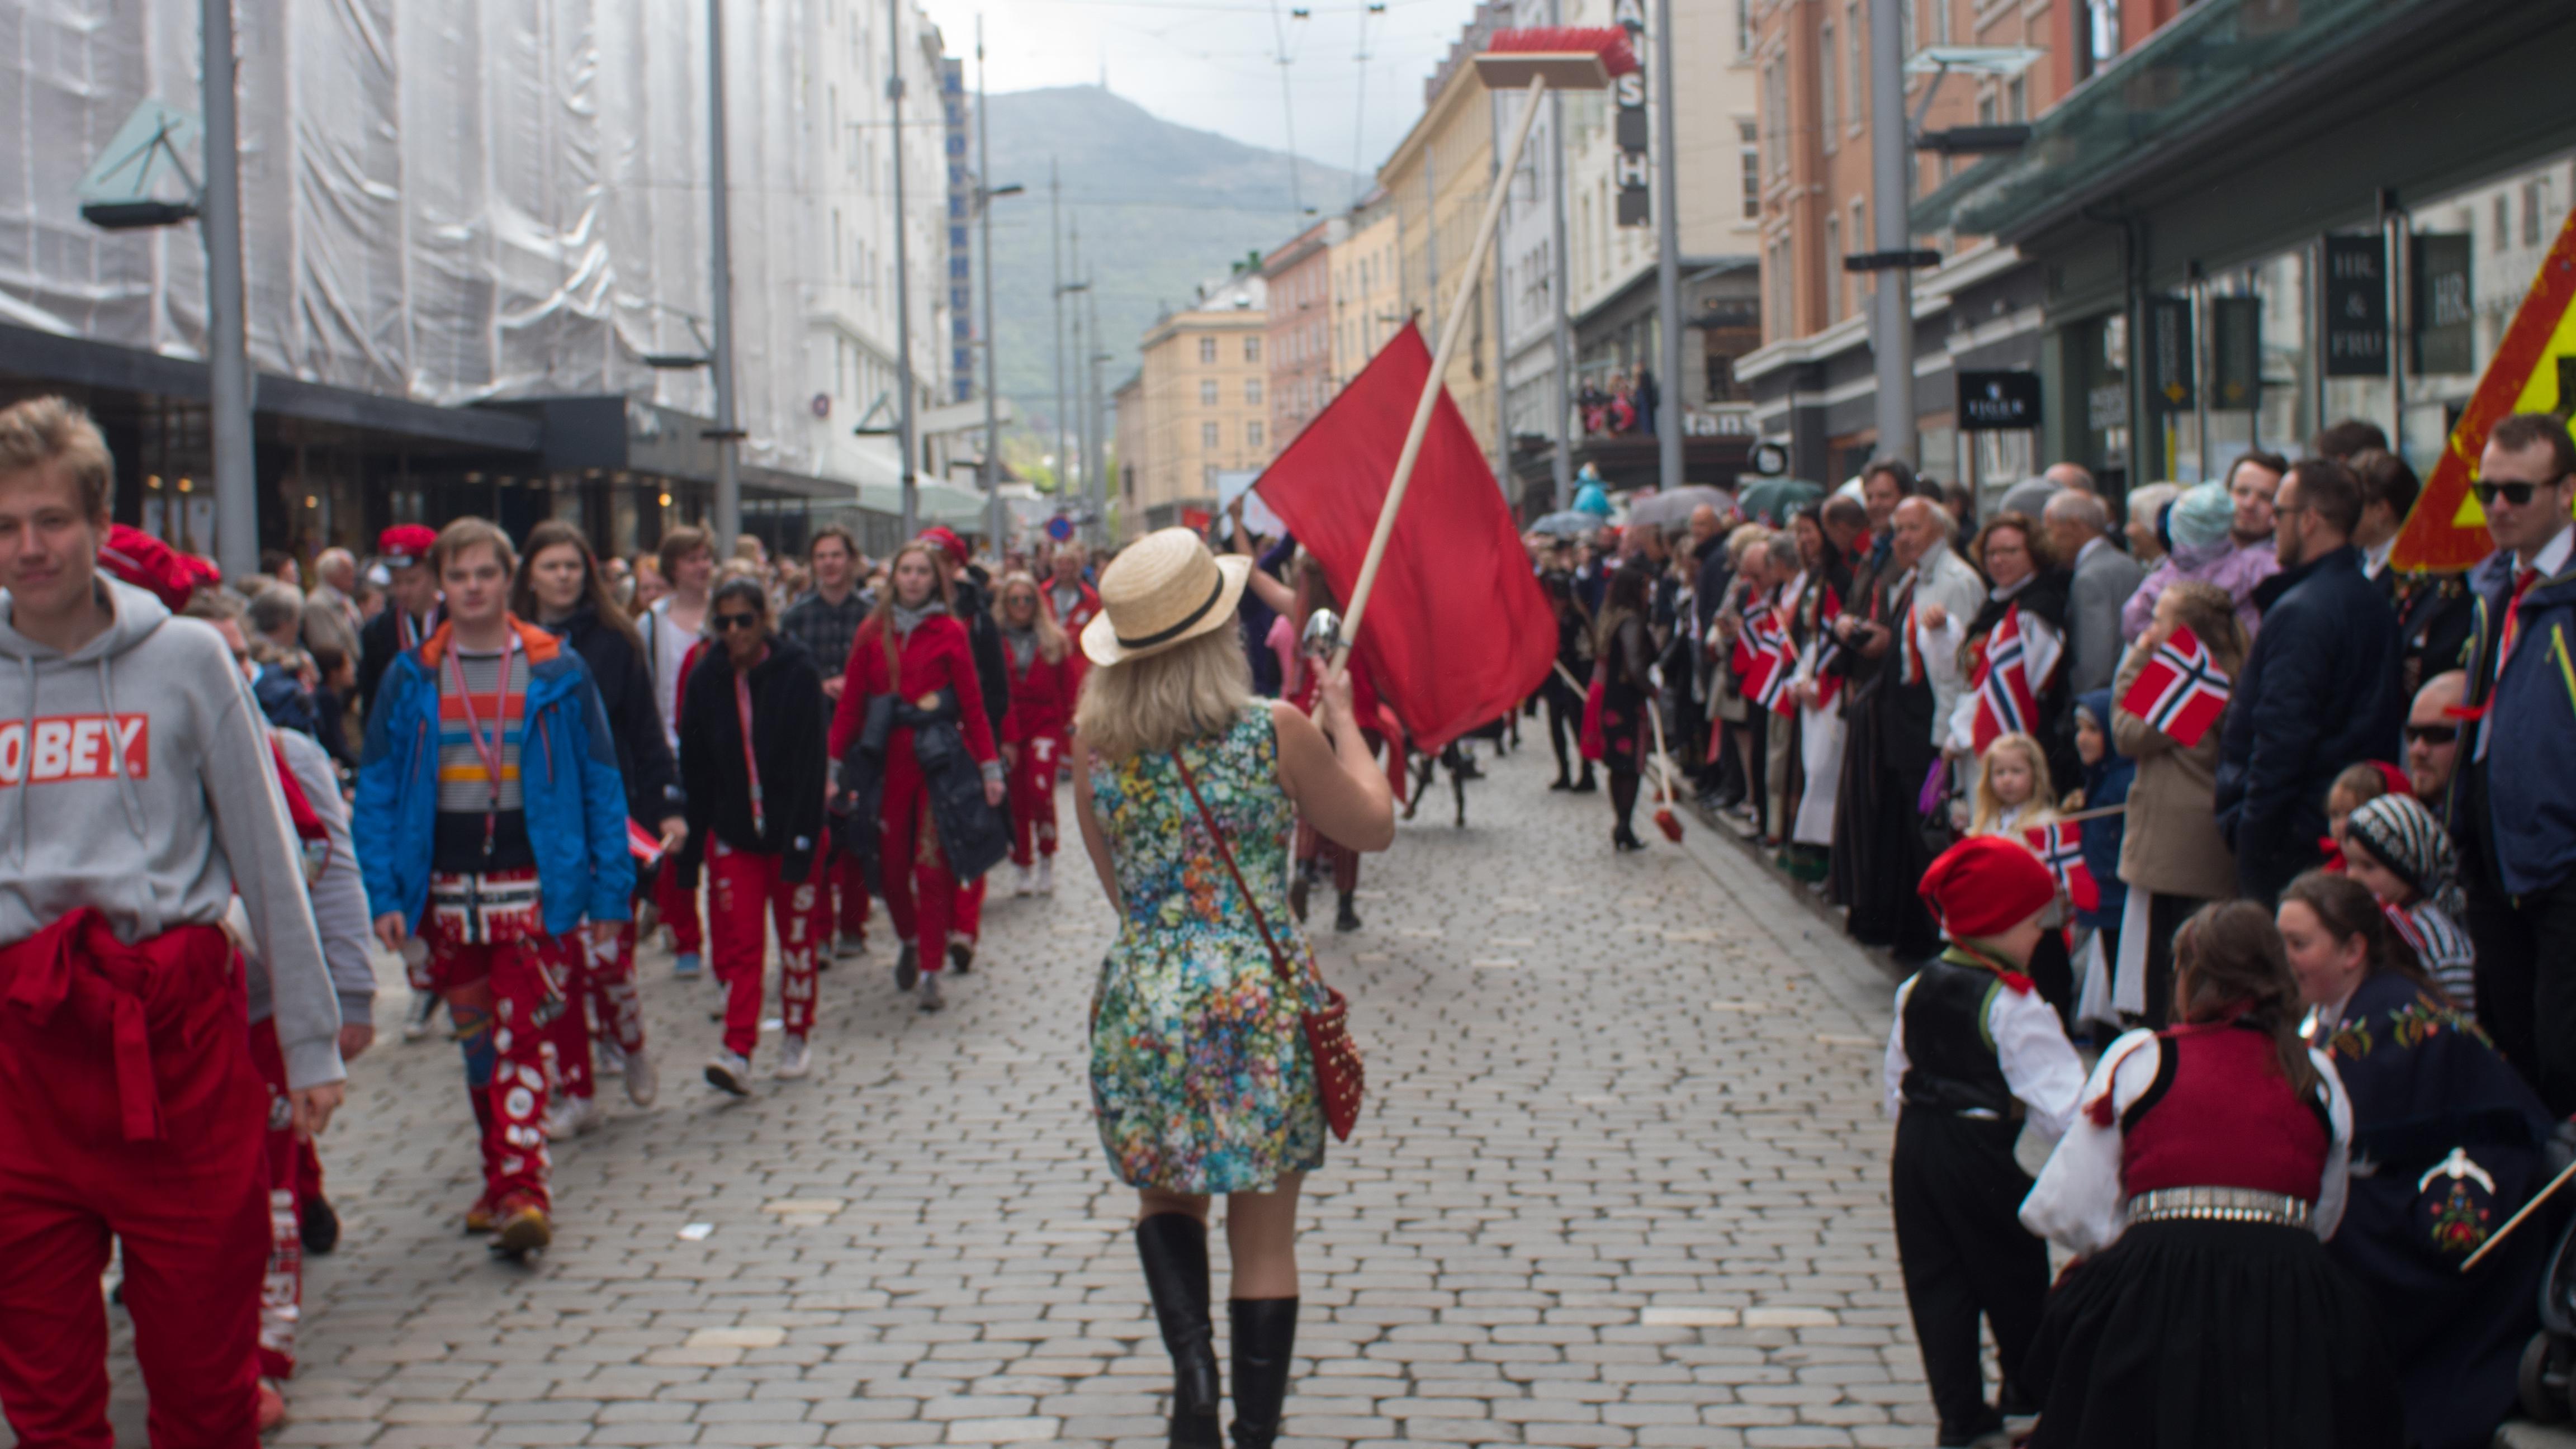 BergenByspill_17Mai_2016 (67 of 90)